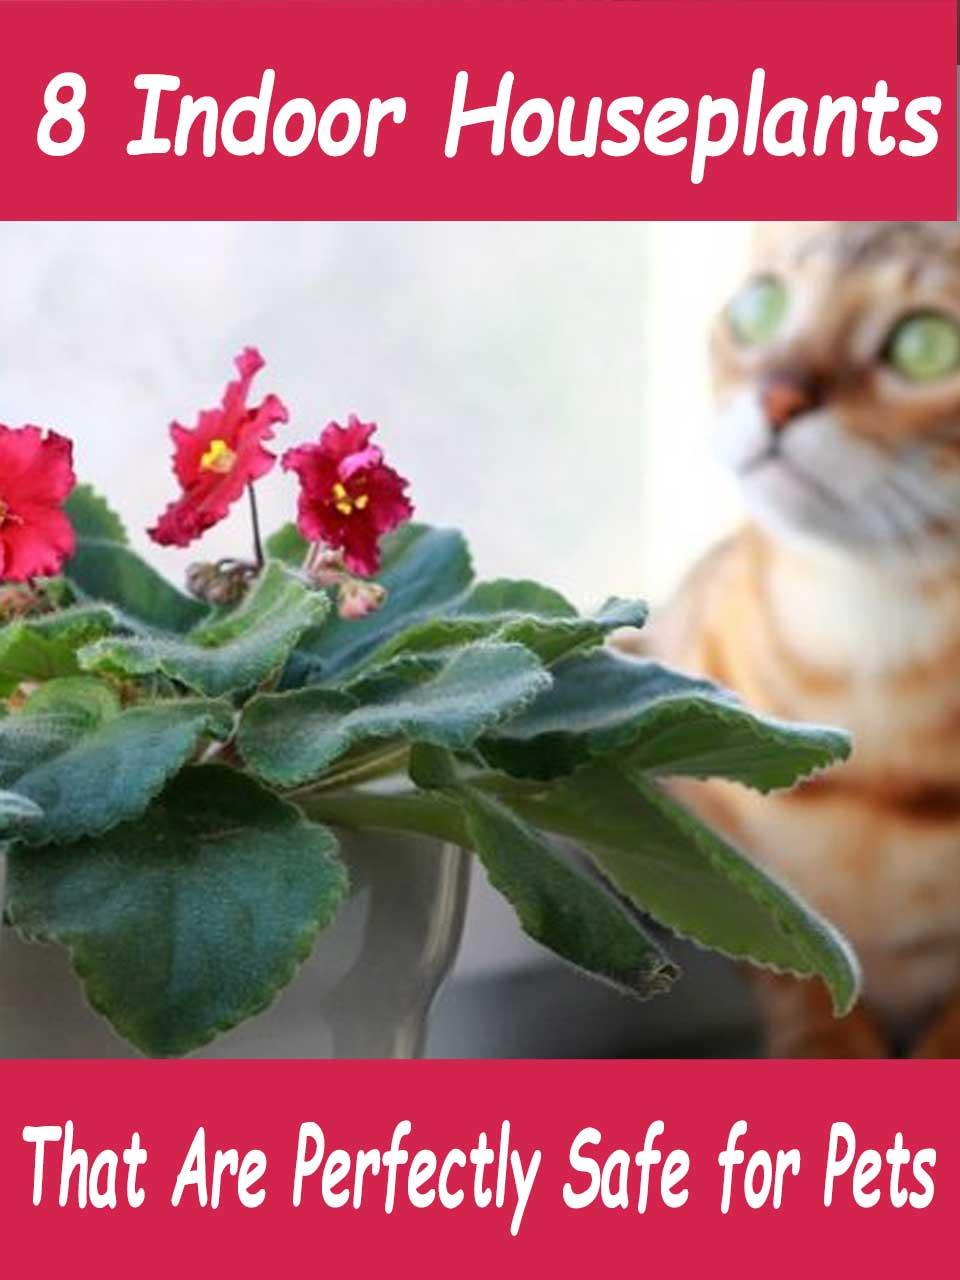 pet safe indoor houseplants